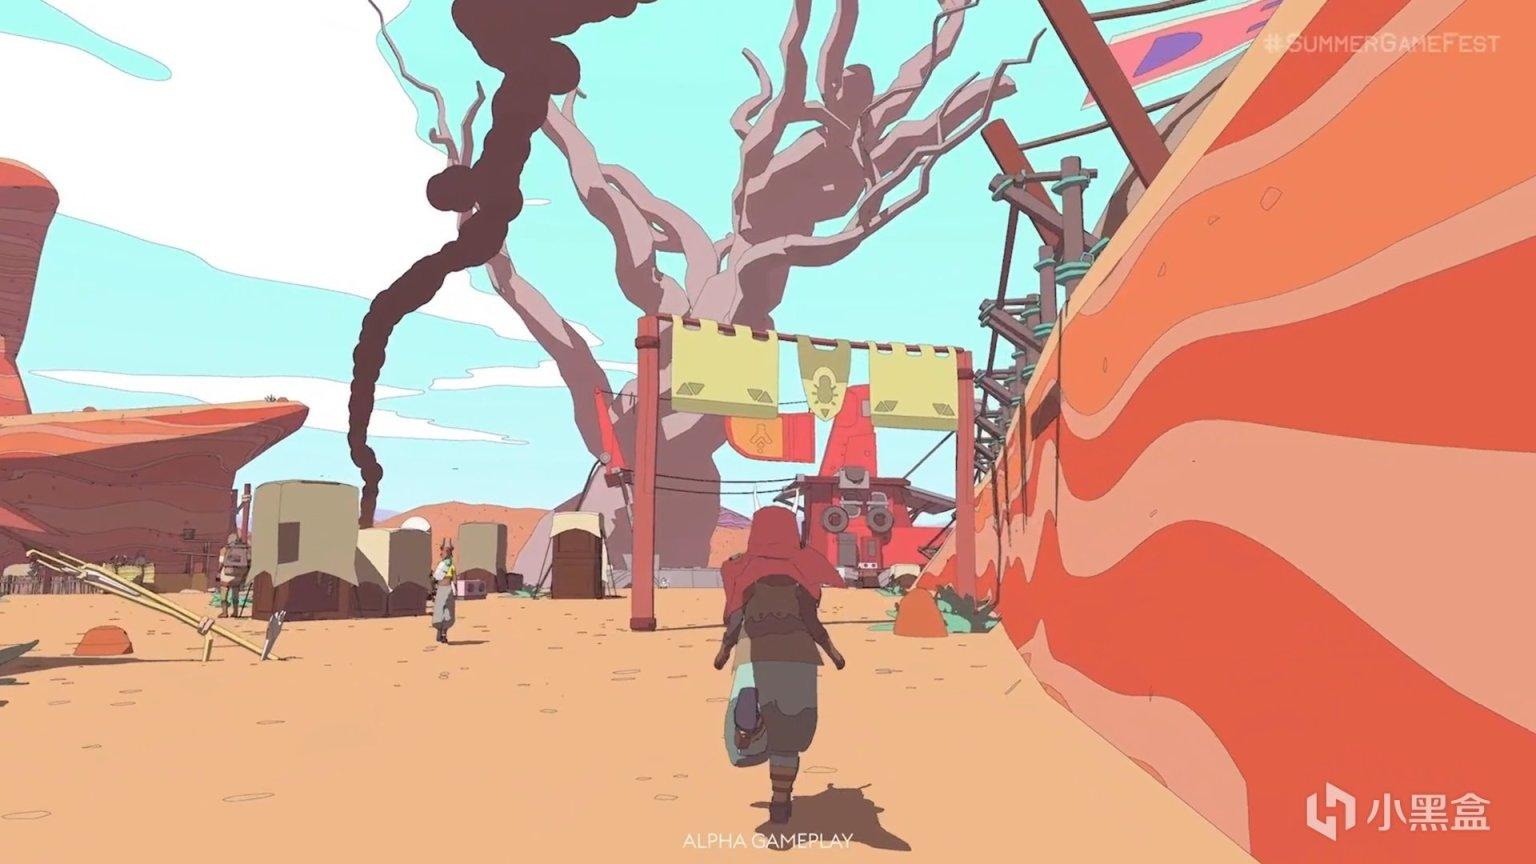 E3夏季游戏节:吉卜力+墨比斯画风《Sable》发布新宣传片